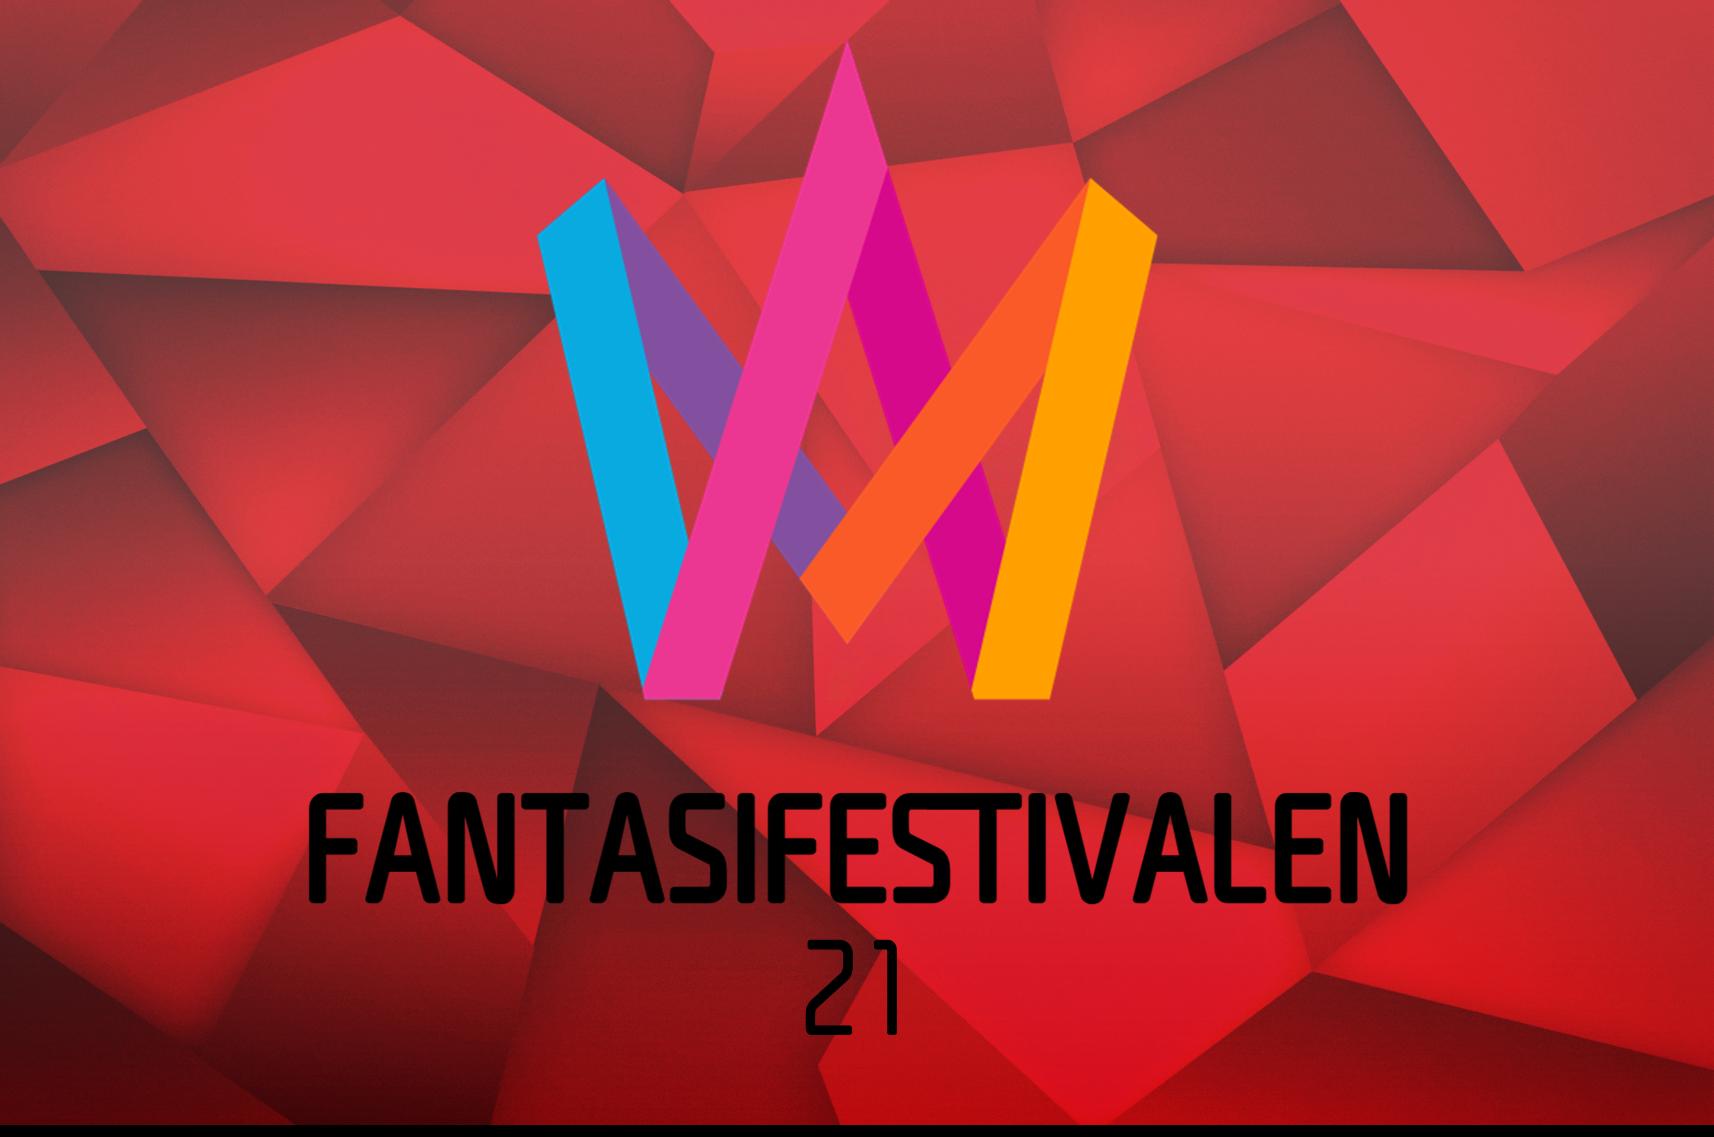 Fantasifestivalen 21